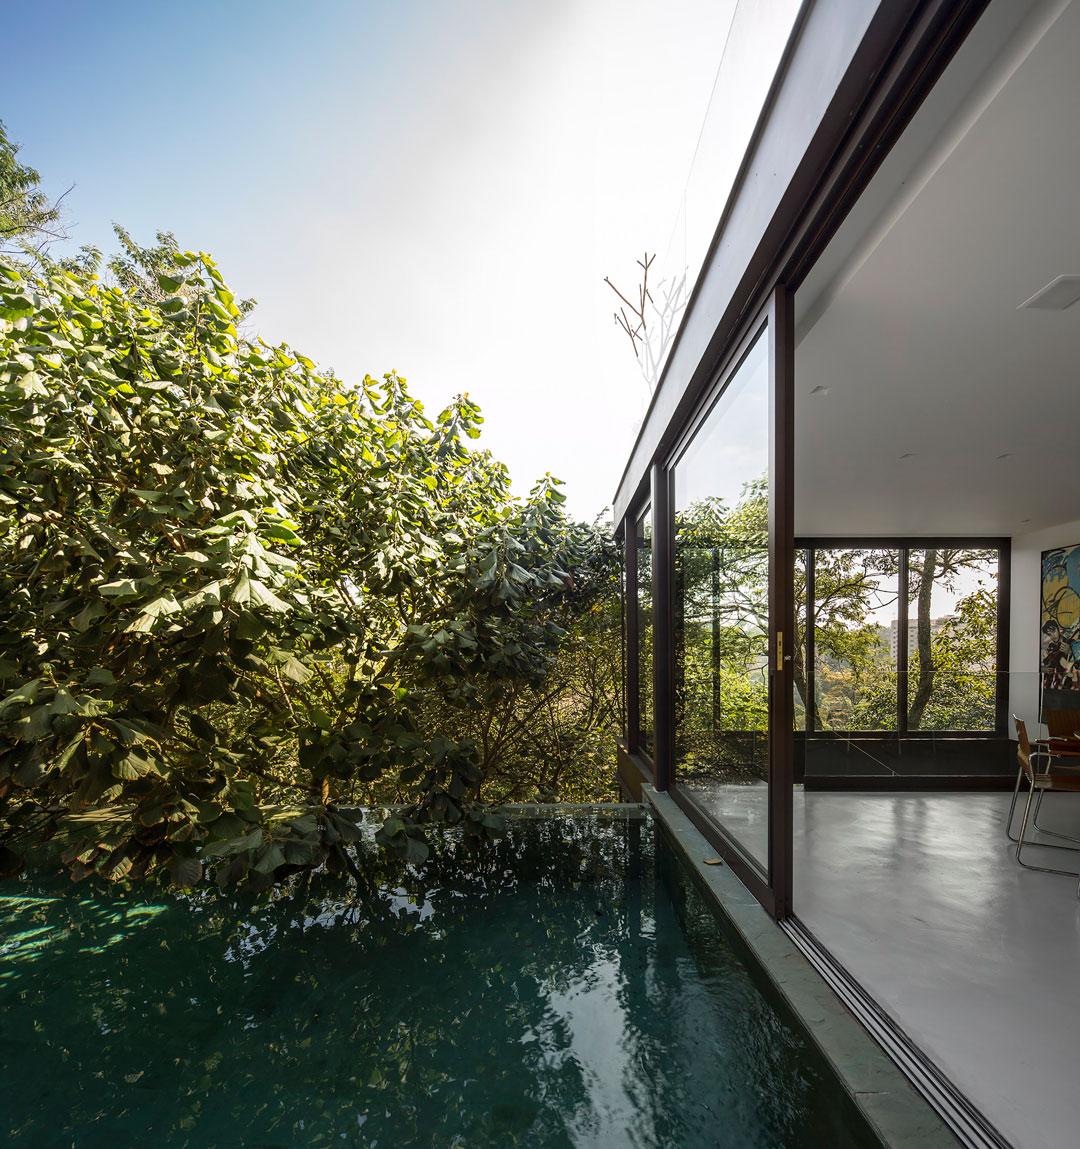 052-sao-paulo-brasil-casas-dos-sonhos-inspiracao-um-cafe-pra-dois